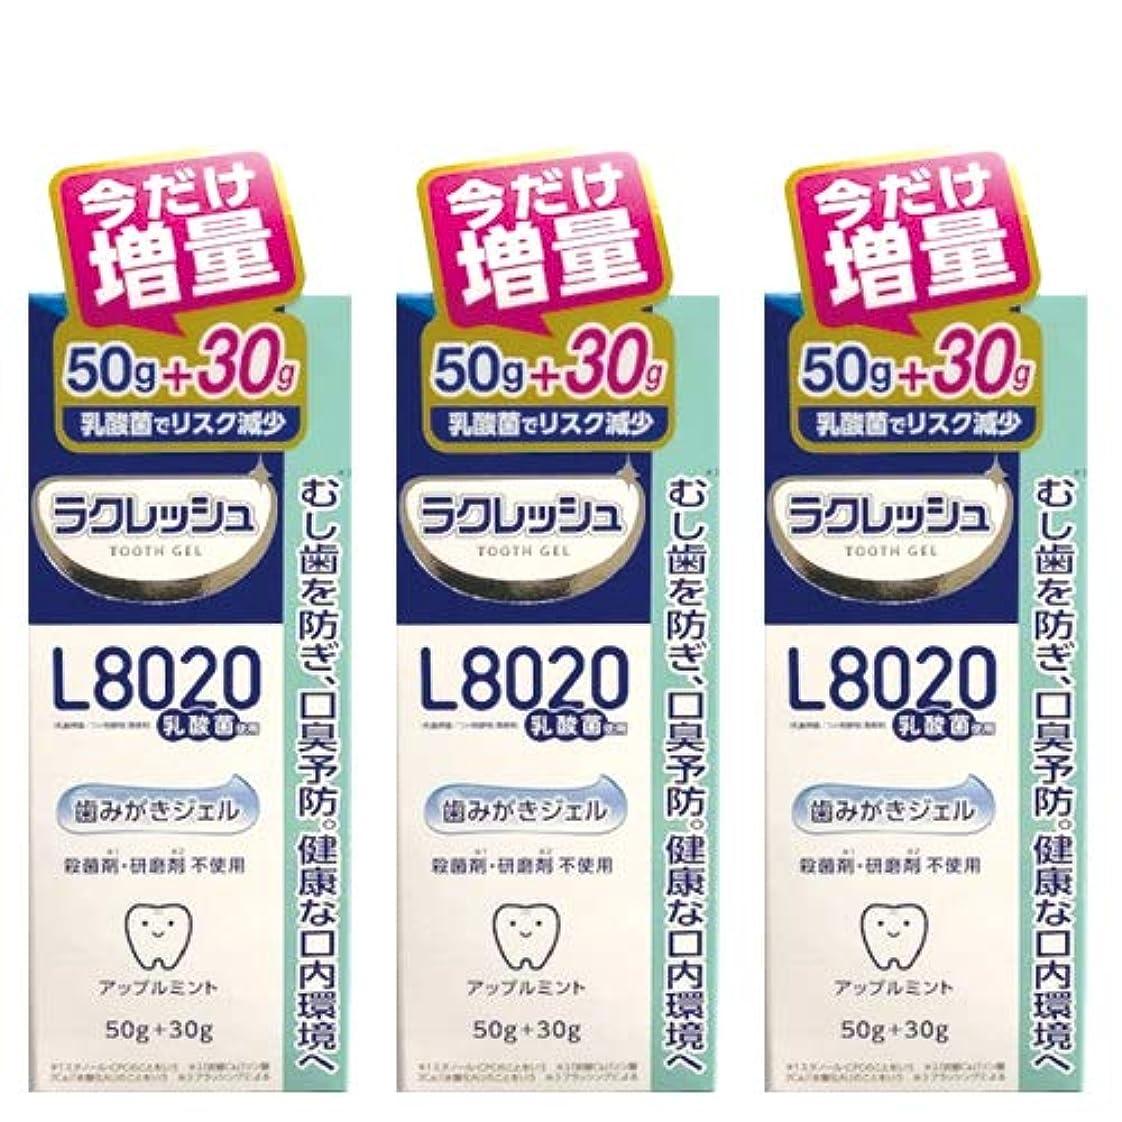 バタフライ解体するみなさん【増量30g 】ジェクス L8020乳酸菌 ラクレッシュ 歯みがきジェル 80g(50g+30g)×3本セット